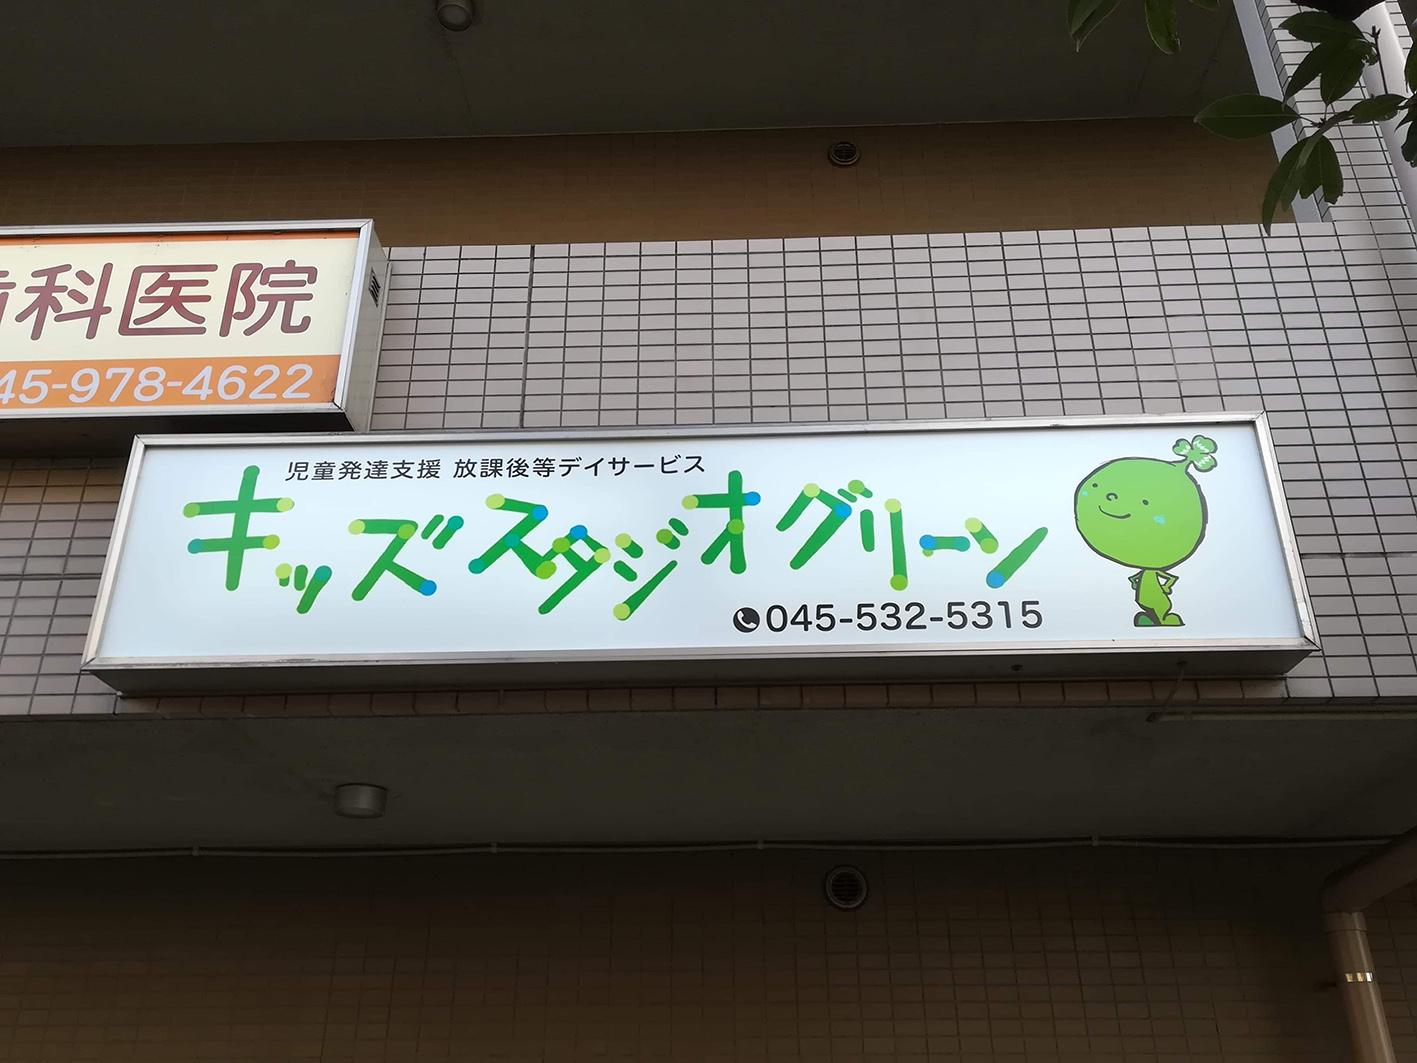 キッズスタジオグリーン